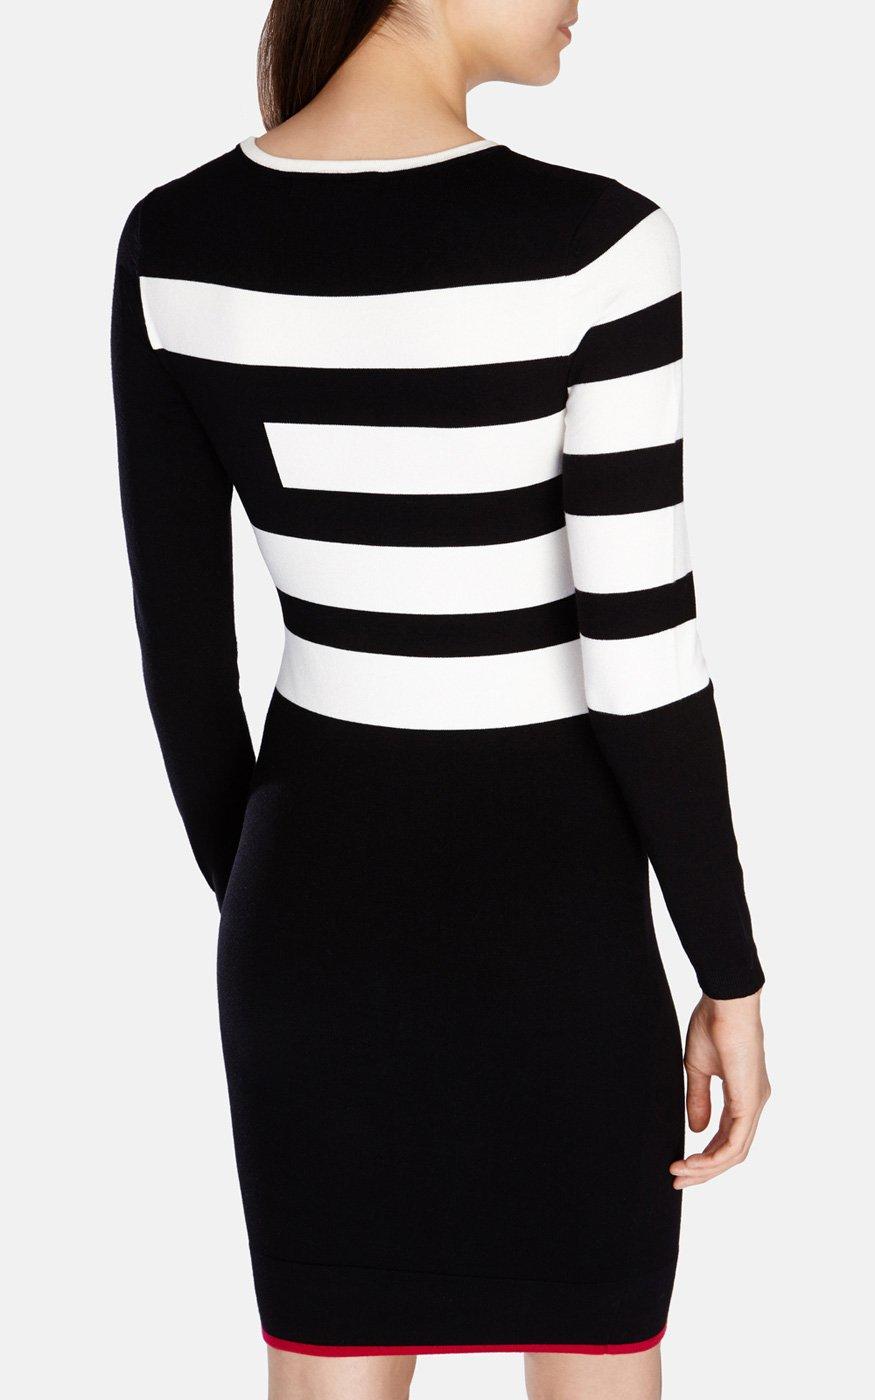 d489a10e4b707 Karen Millen Block Stripe Stretch Knit Dress - Lyst